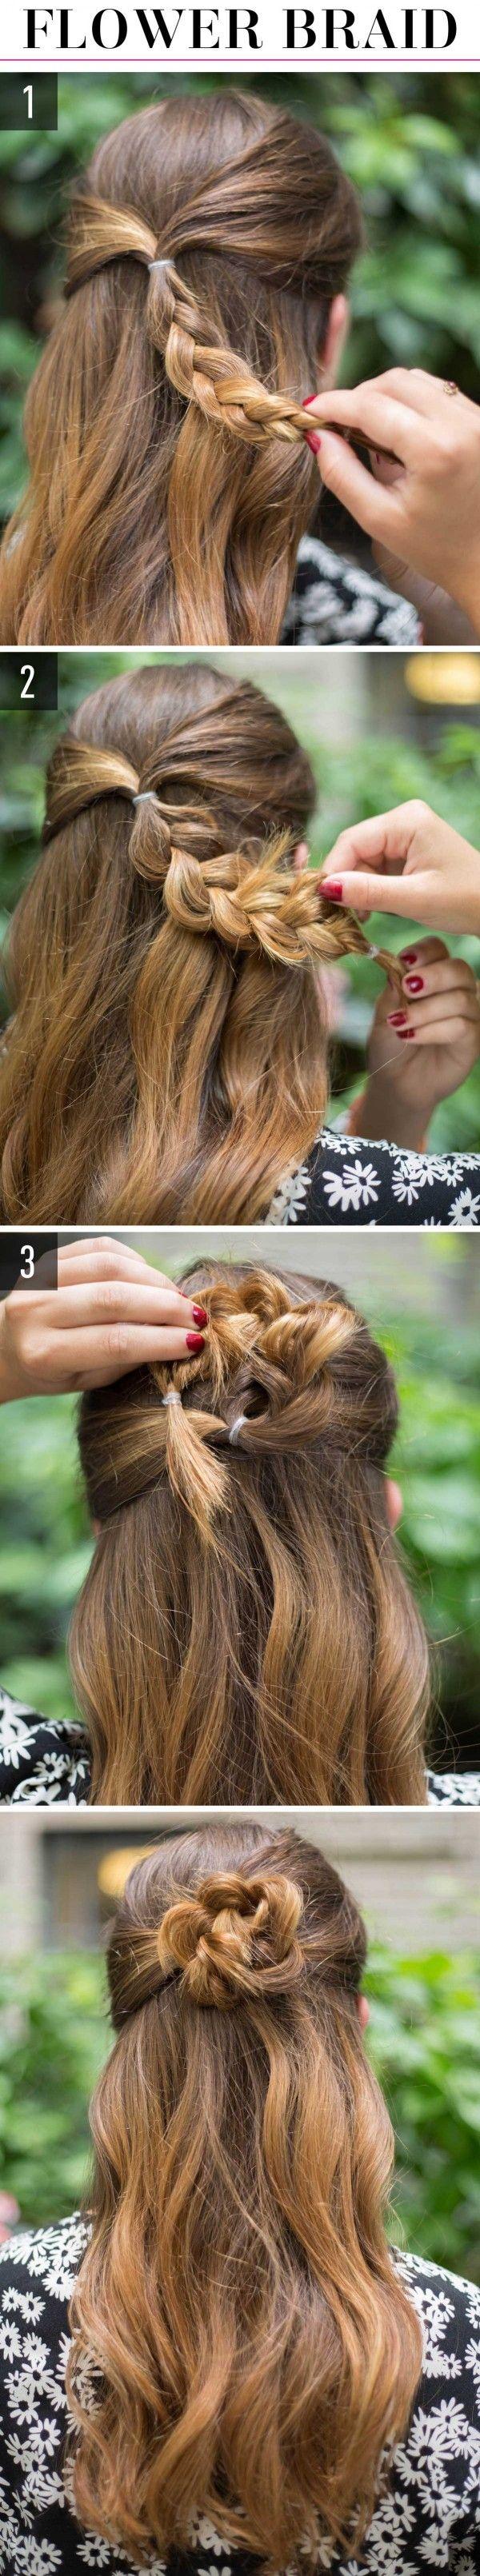 flowerbun peinado con flor flowers hair hairstyle peinados paso a paso